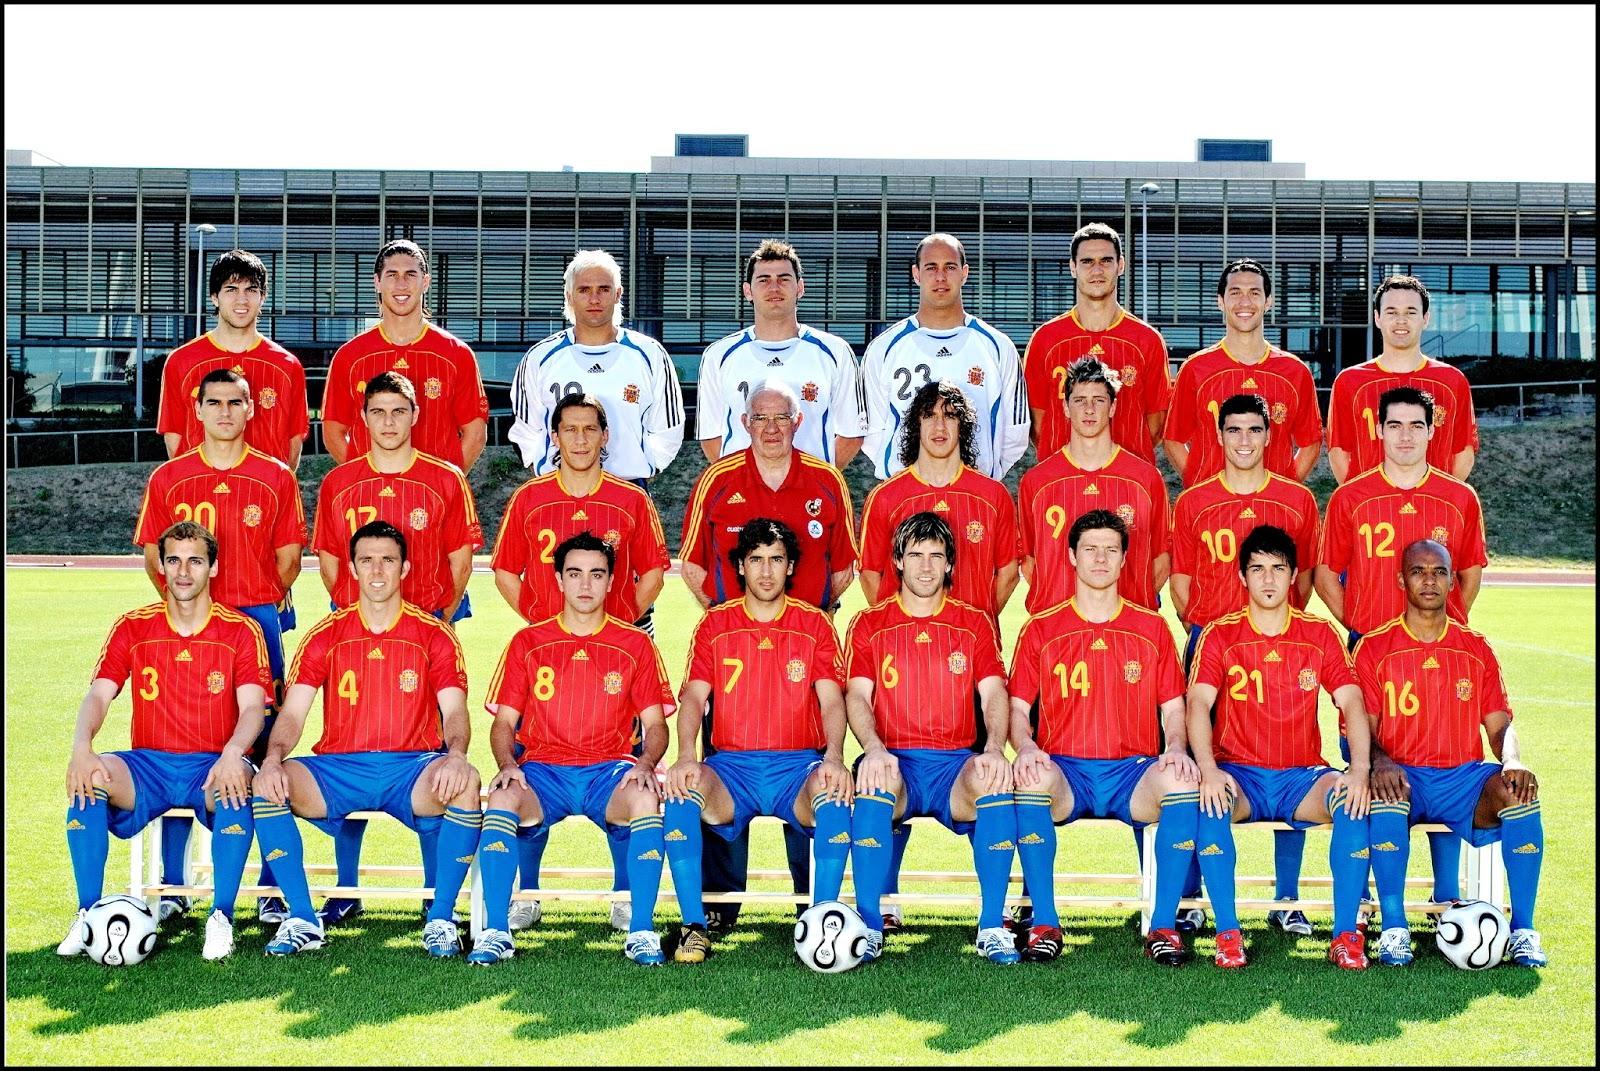 Hilo de la selección de España (selección española) Espa%25C3%25B1a%2B2006%2B06%2B05